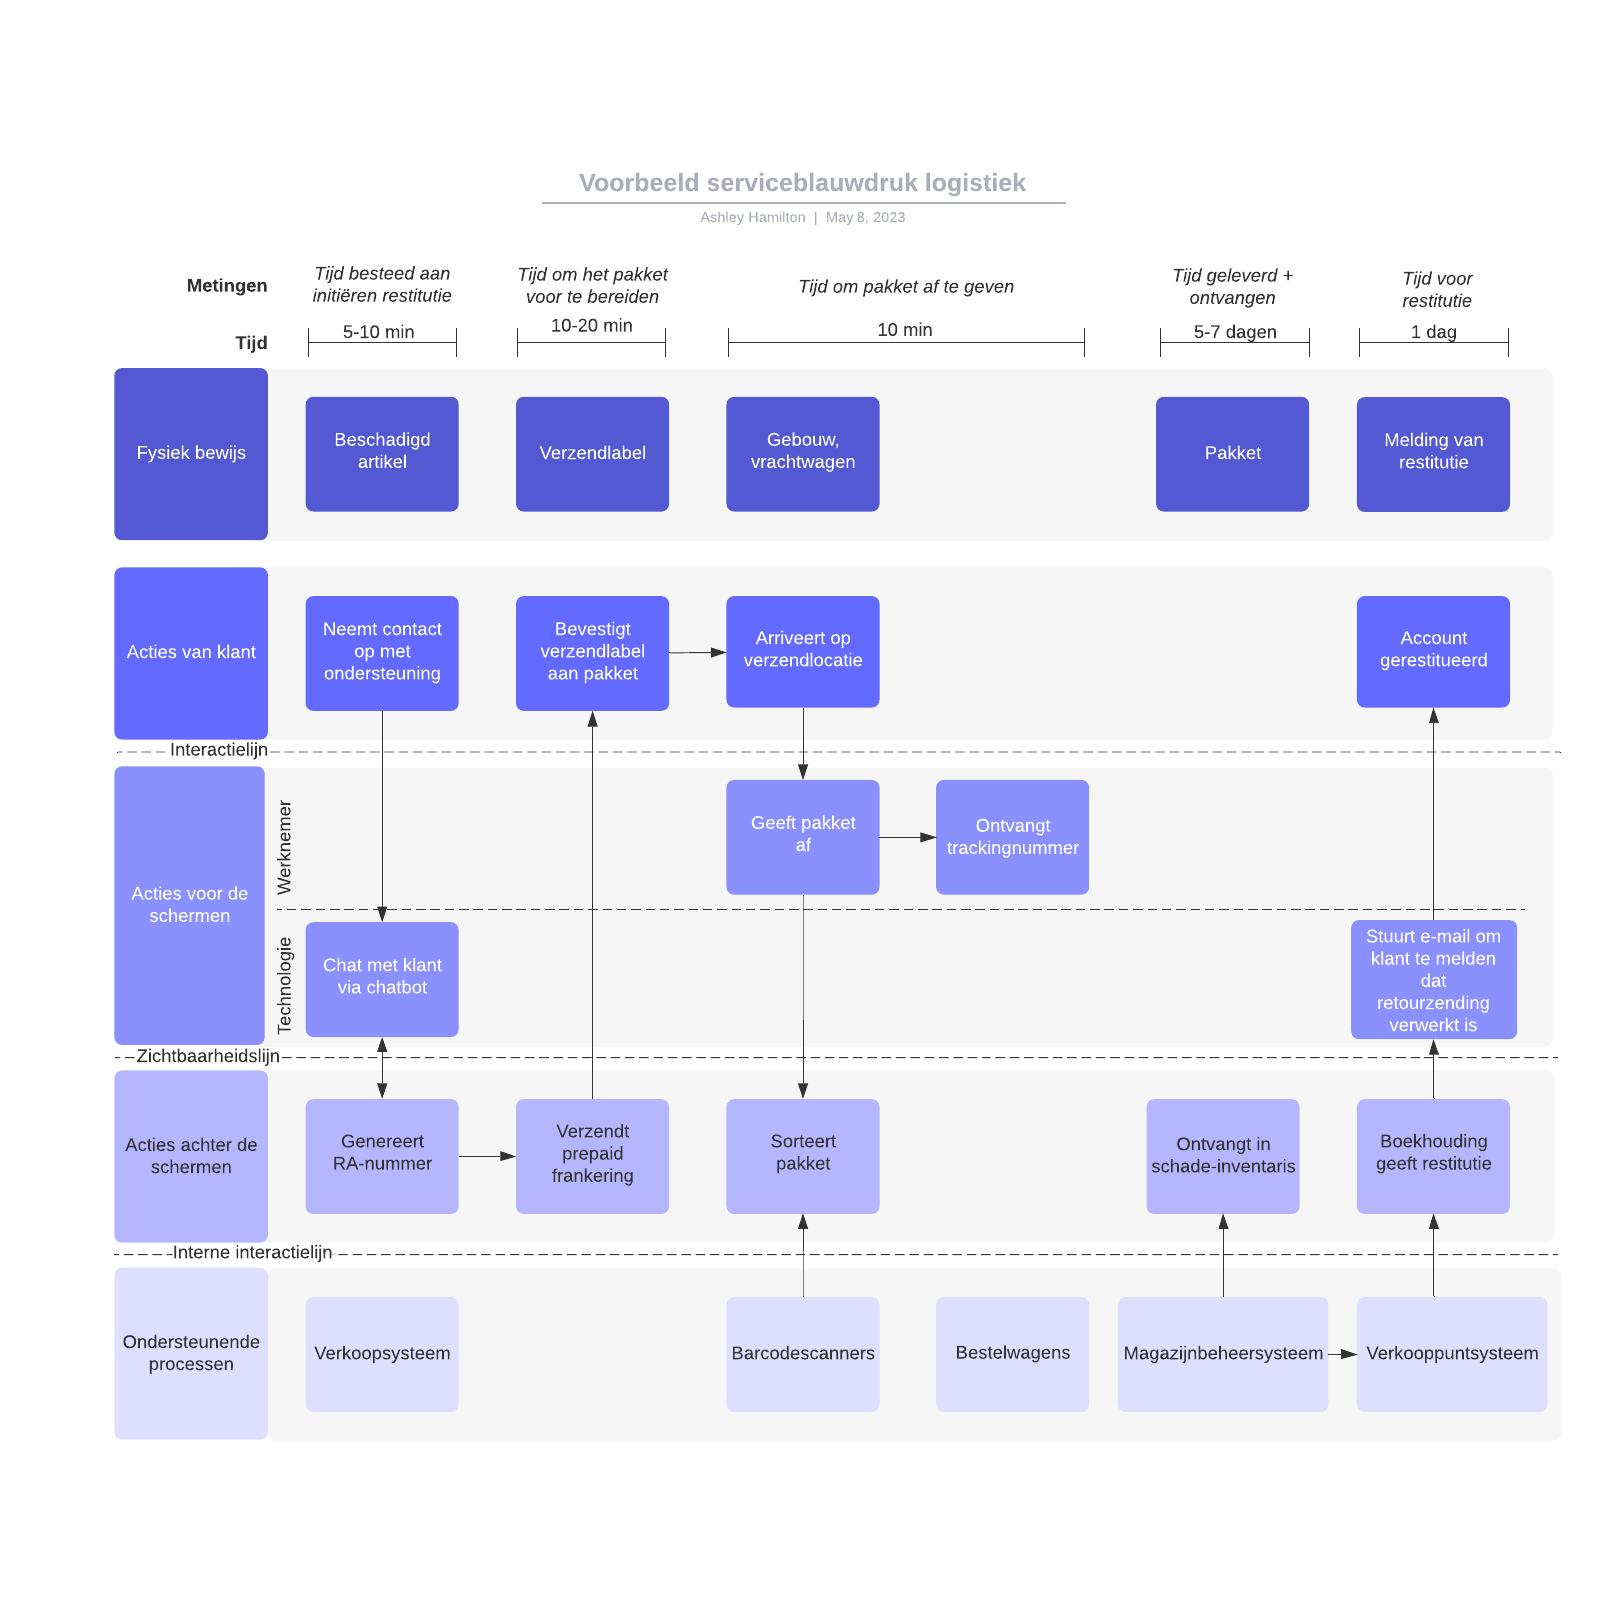 Voorbeeld serviceblauwdruk logistiek